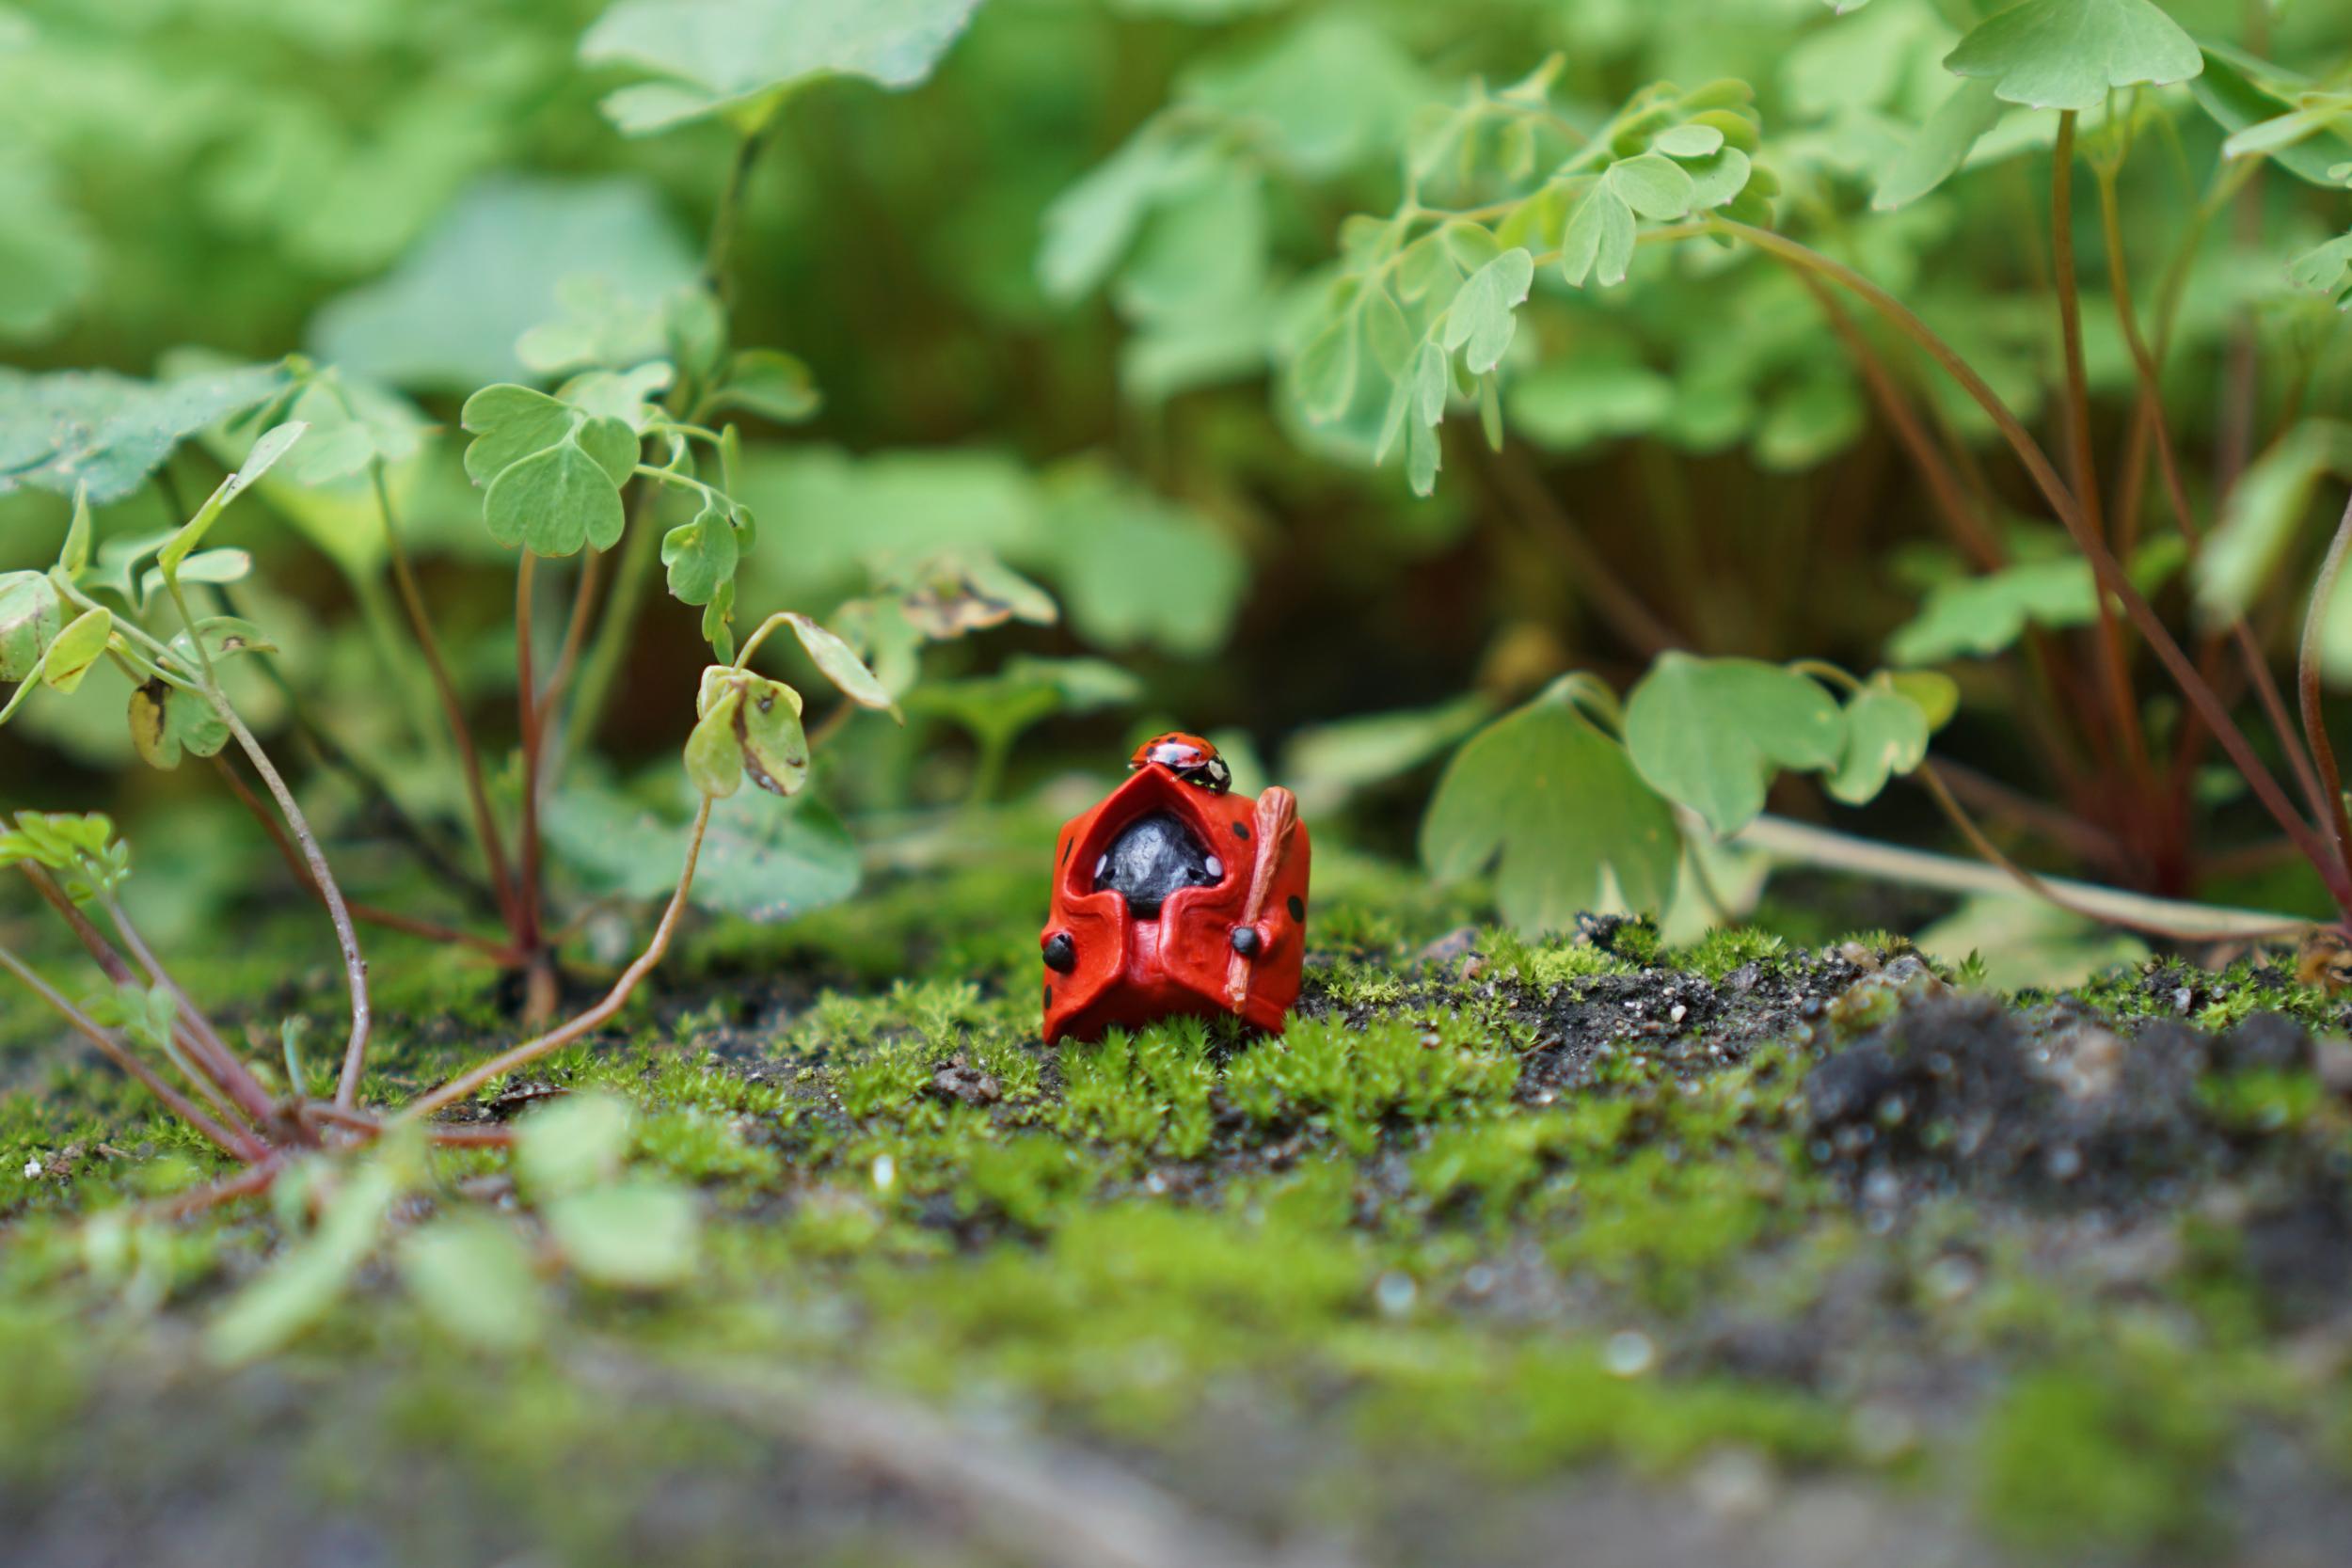 Ladybug Shepherd